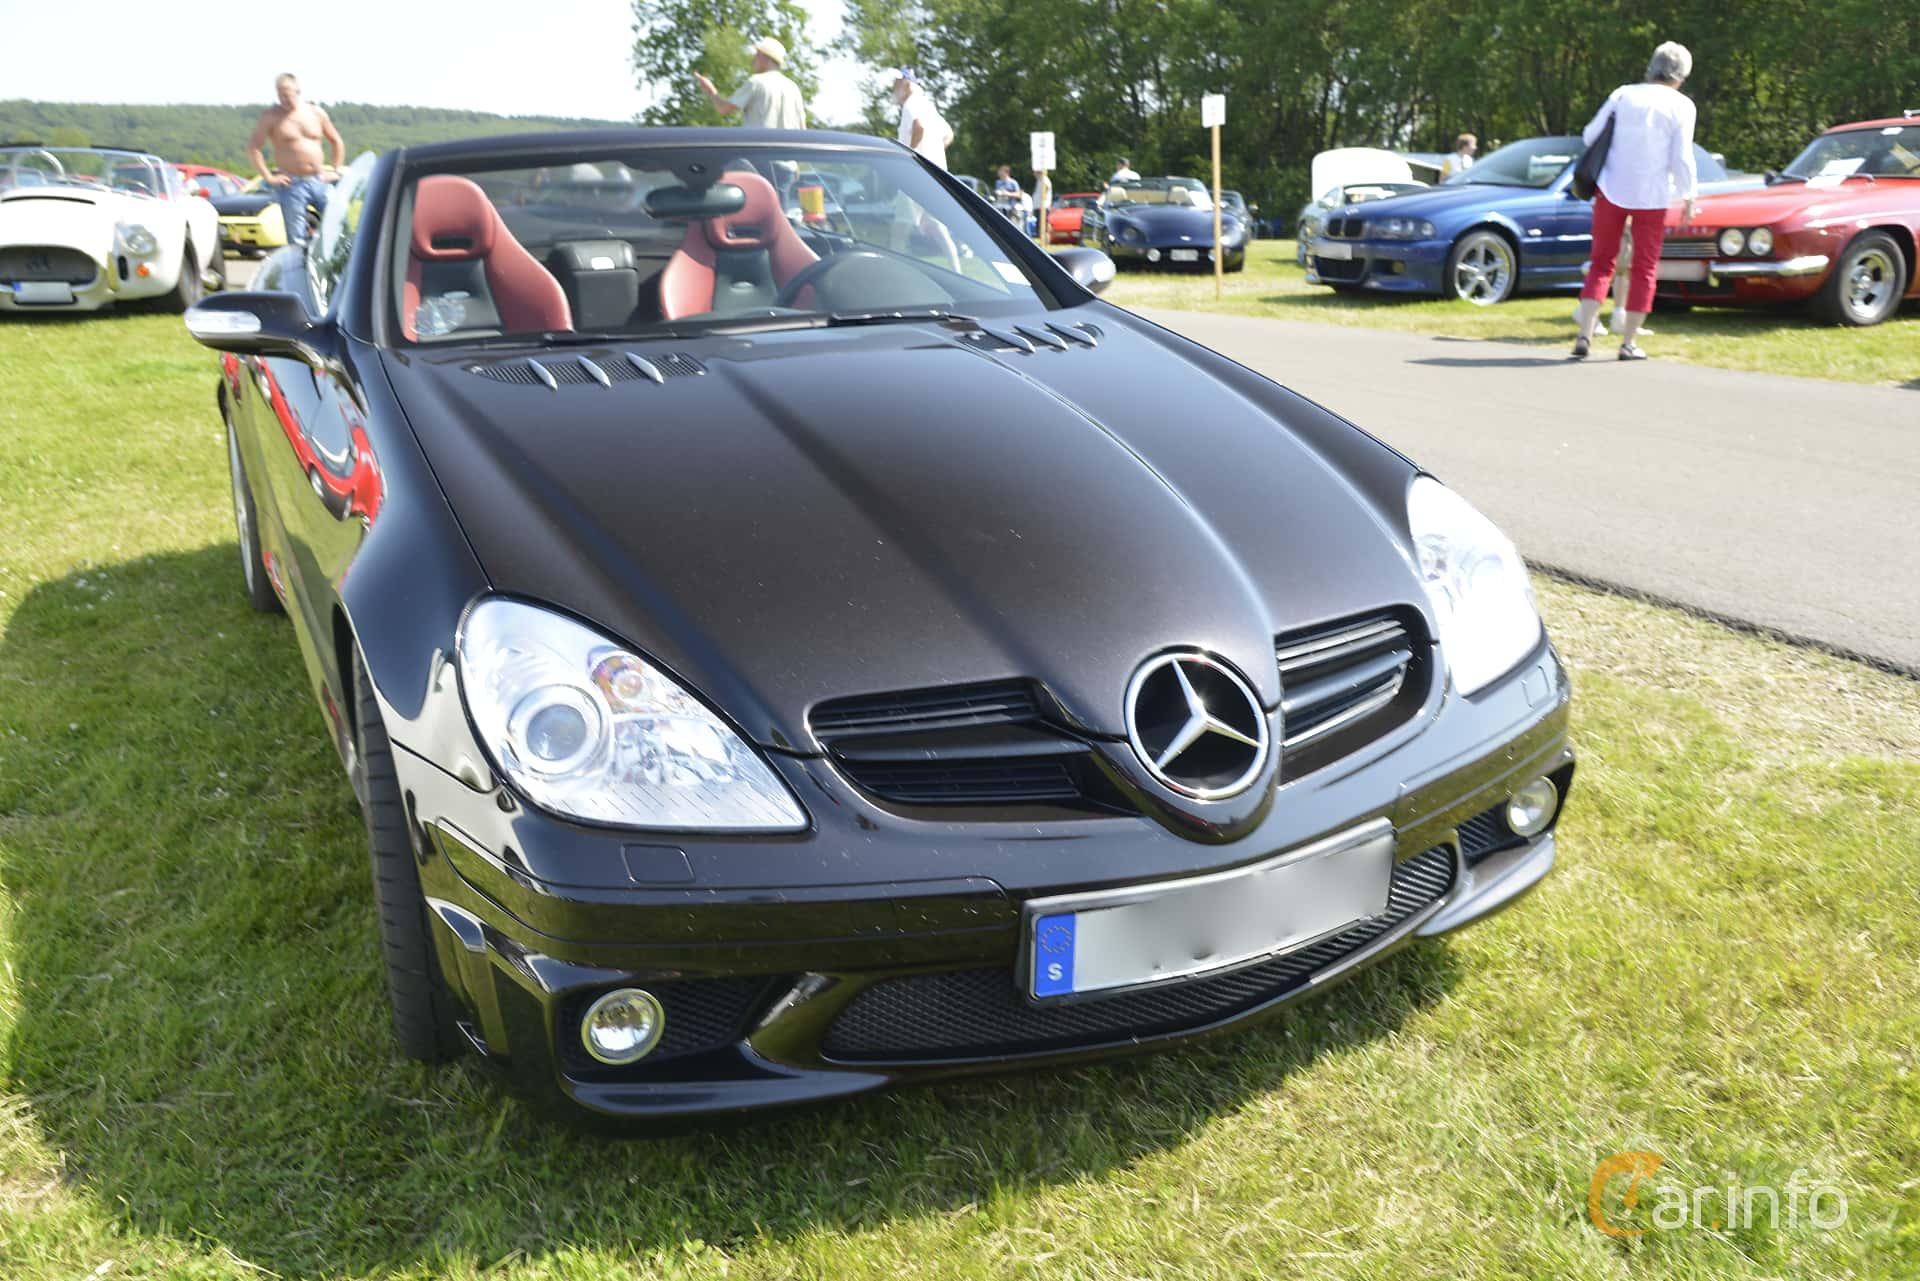 Mercedes Benz SLK Class Roadster R171 by johanb